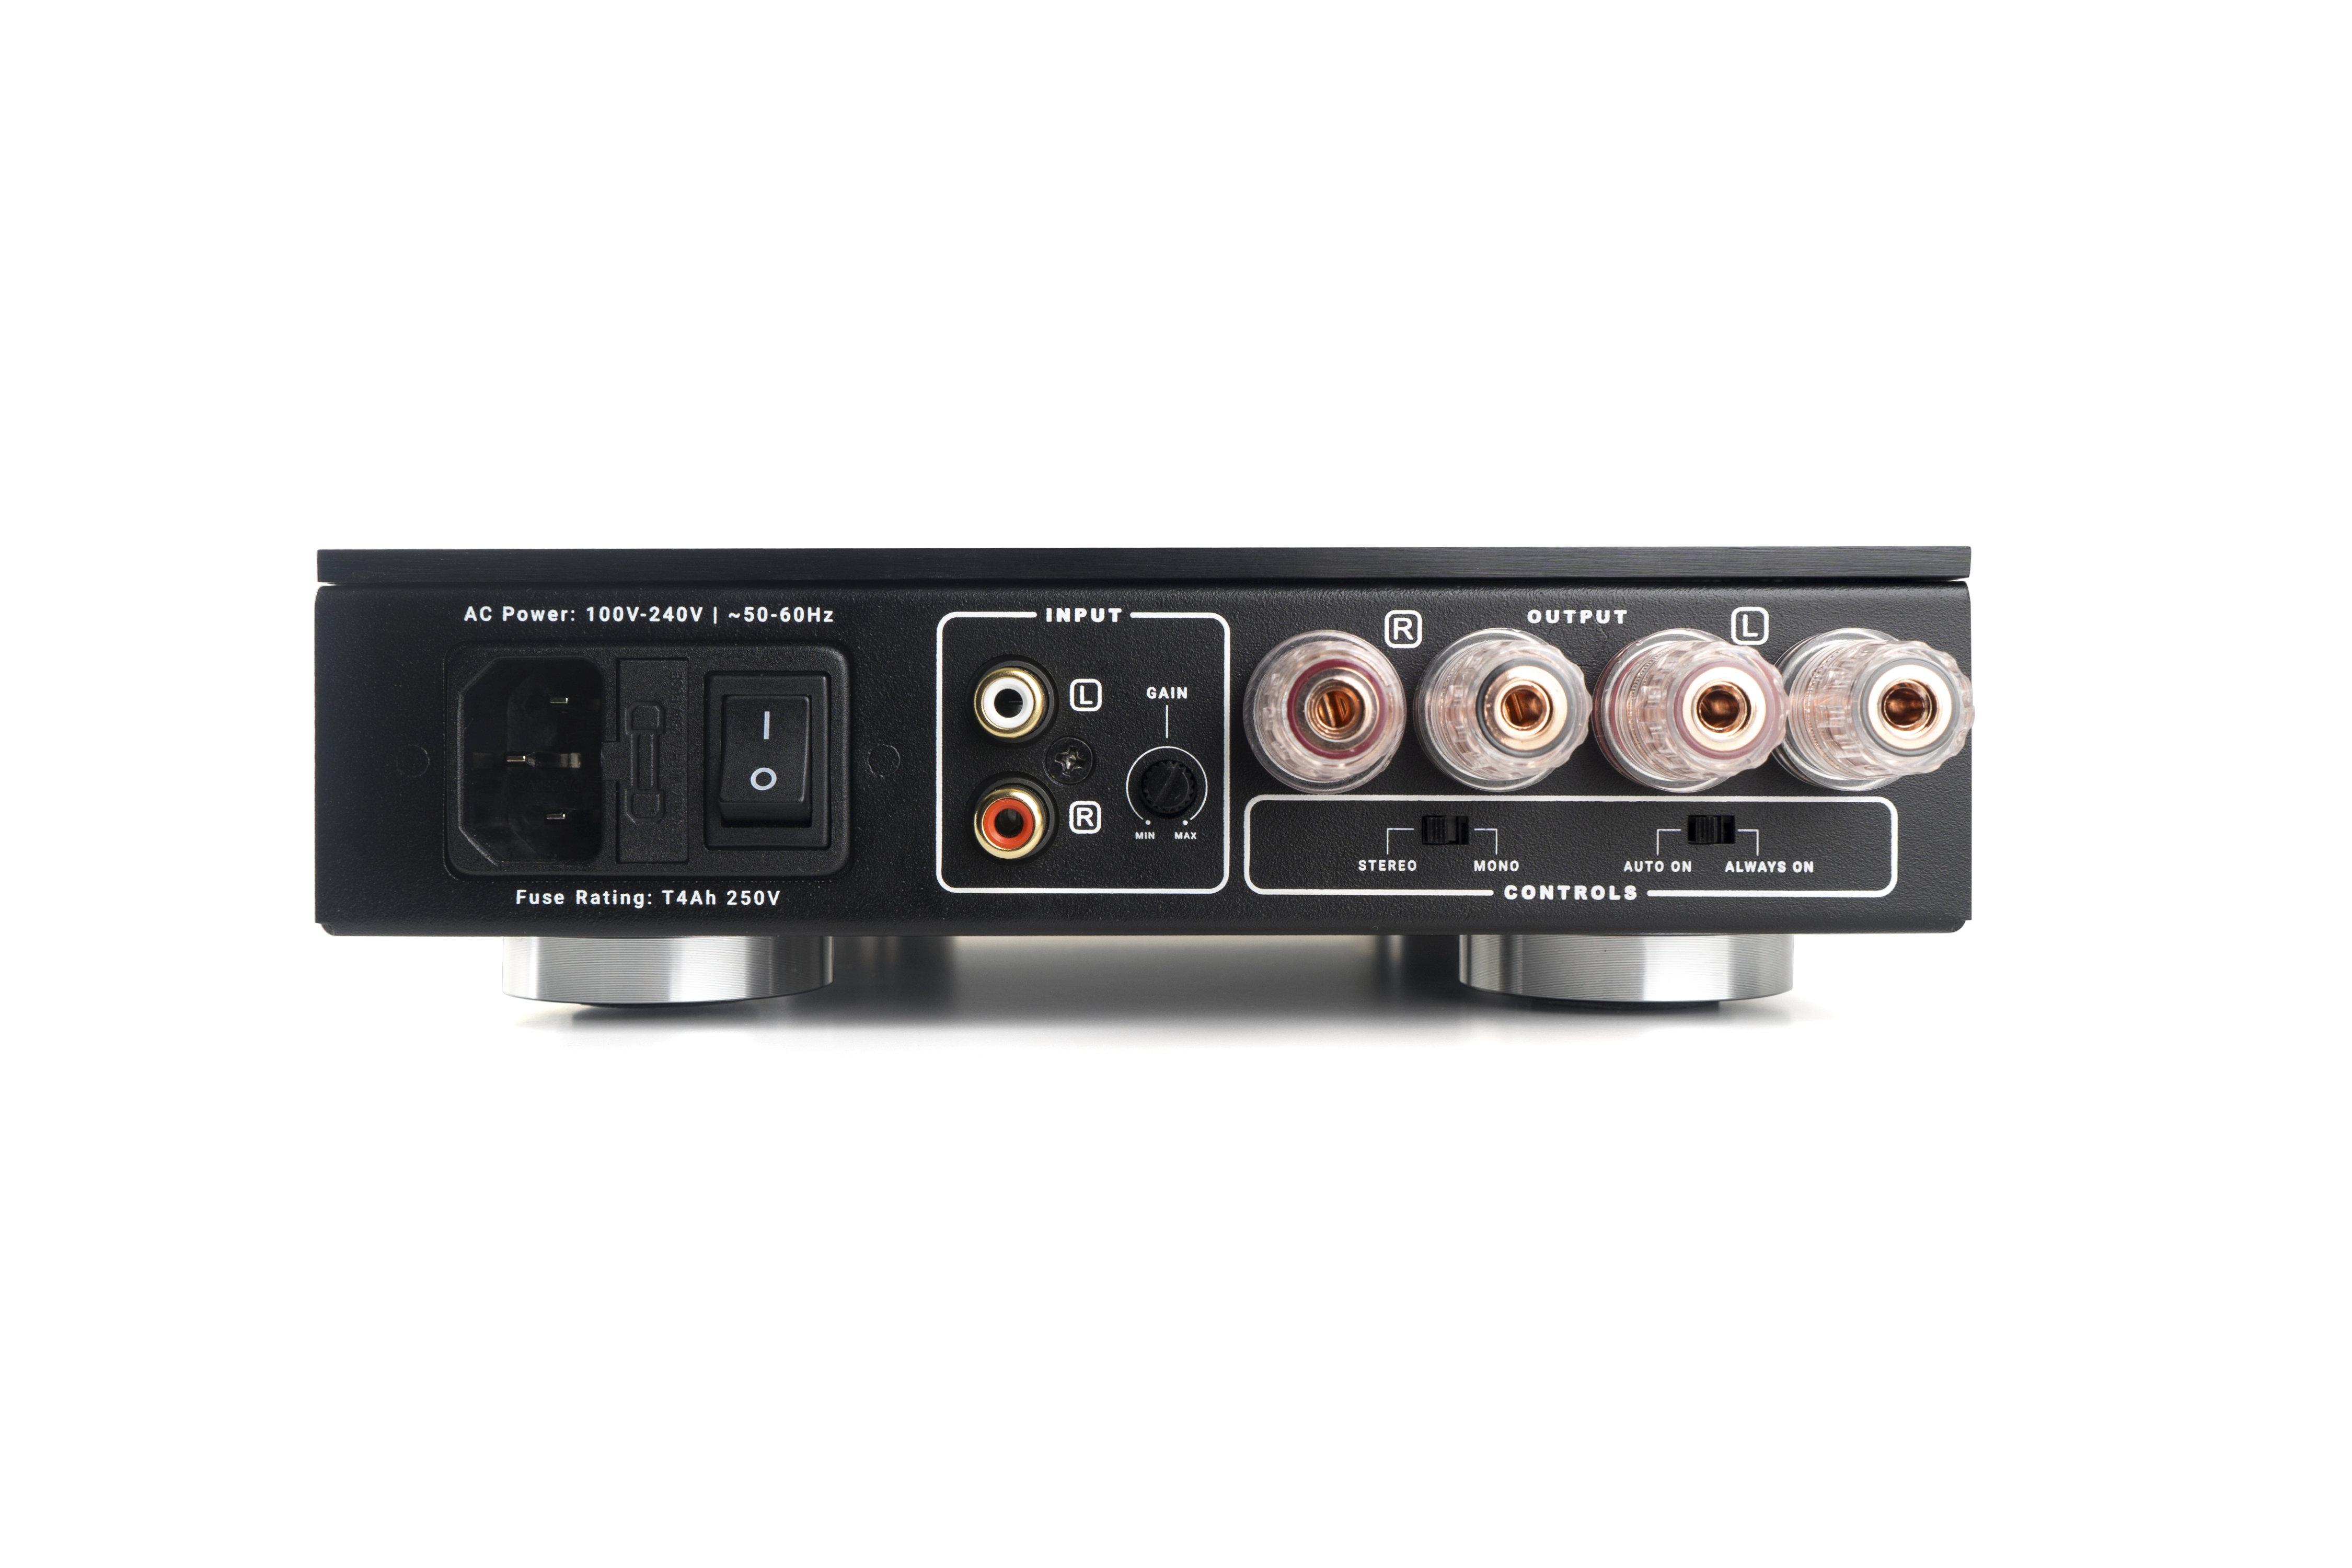 xtz edge a2 300 power amp xtz sound in balance rh xtzsound eu